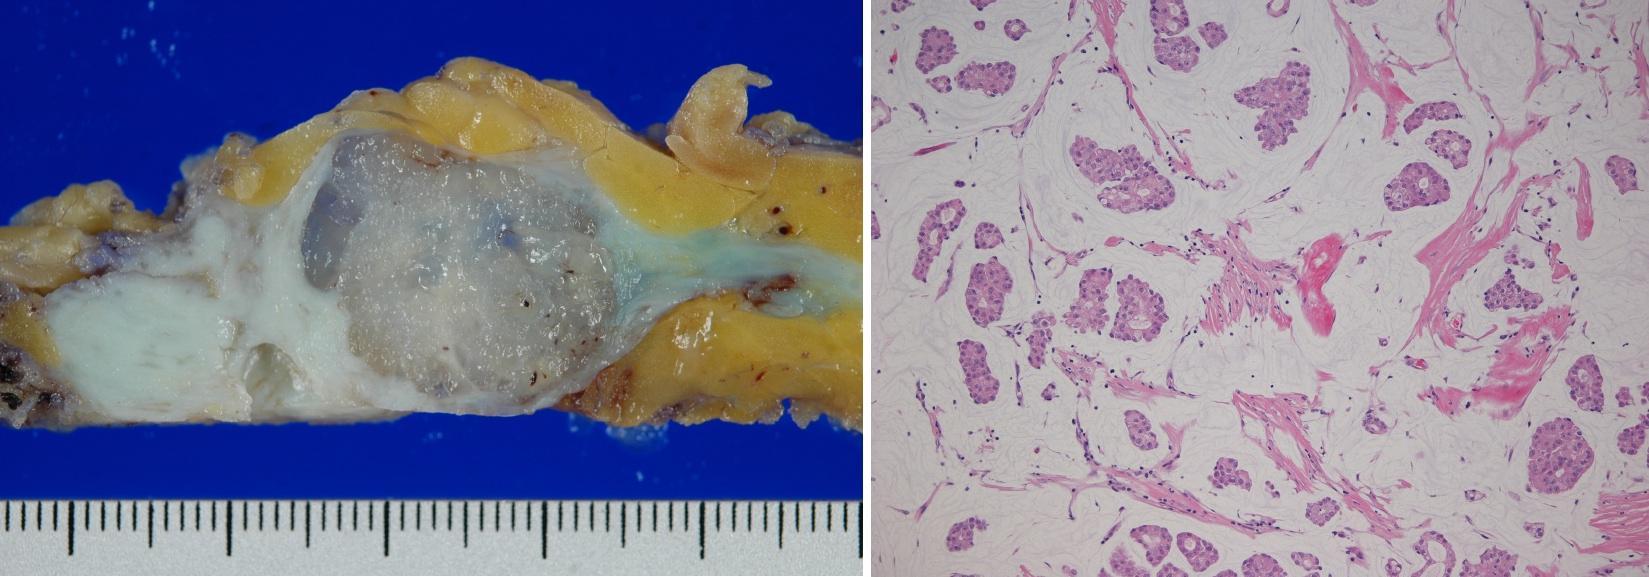 左図は摘出された乳癌の割面、右図はその顕微鏡組織像